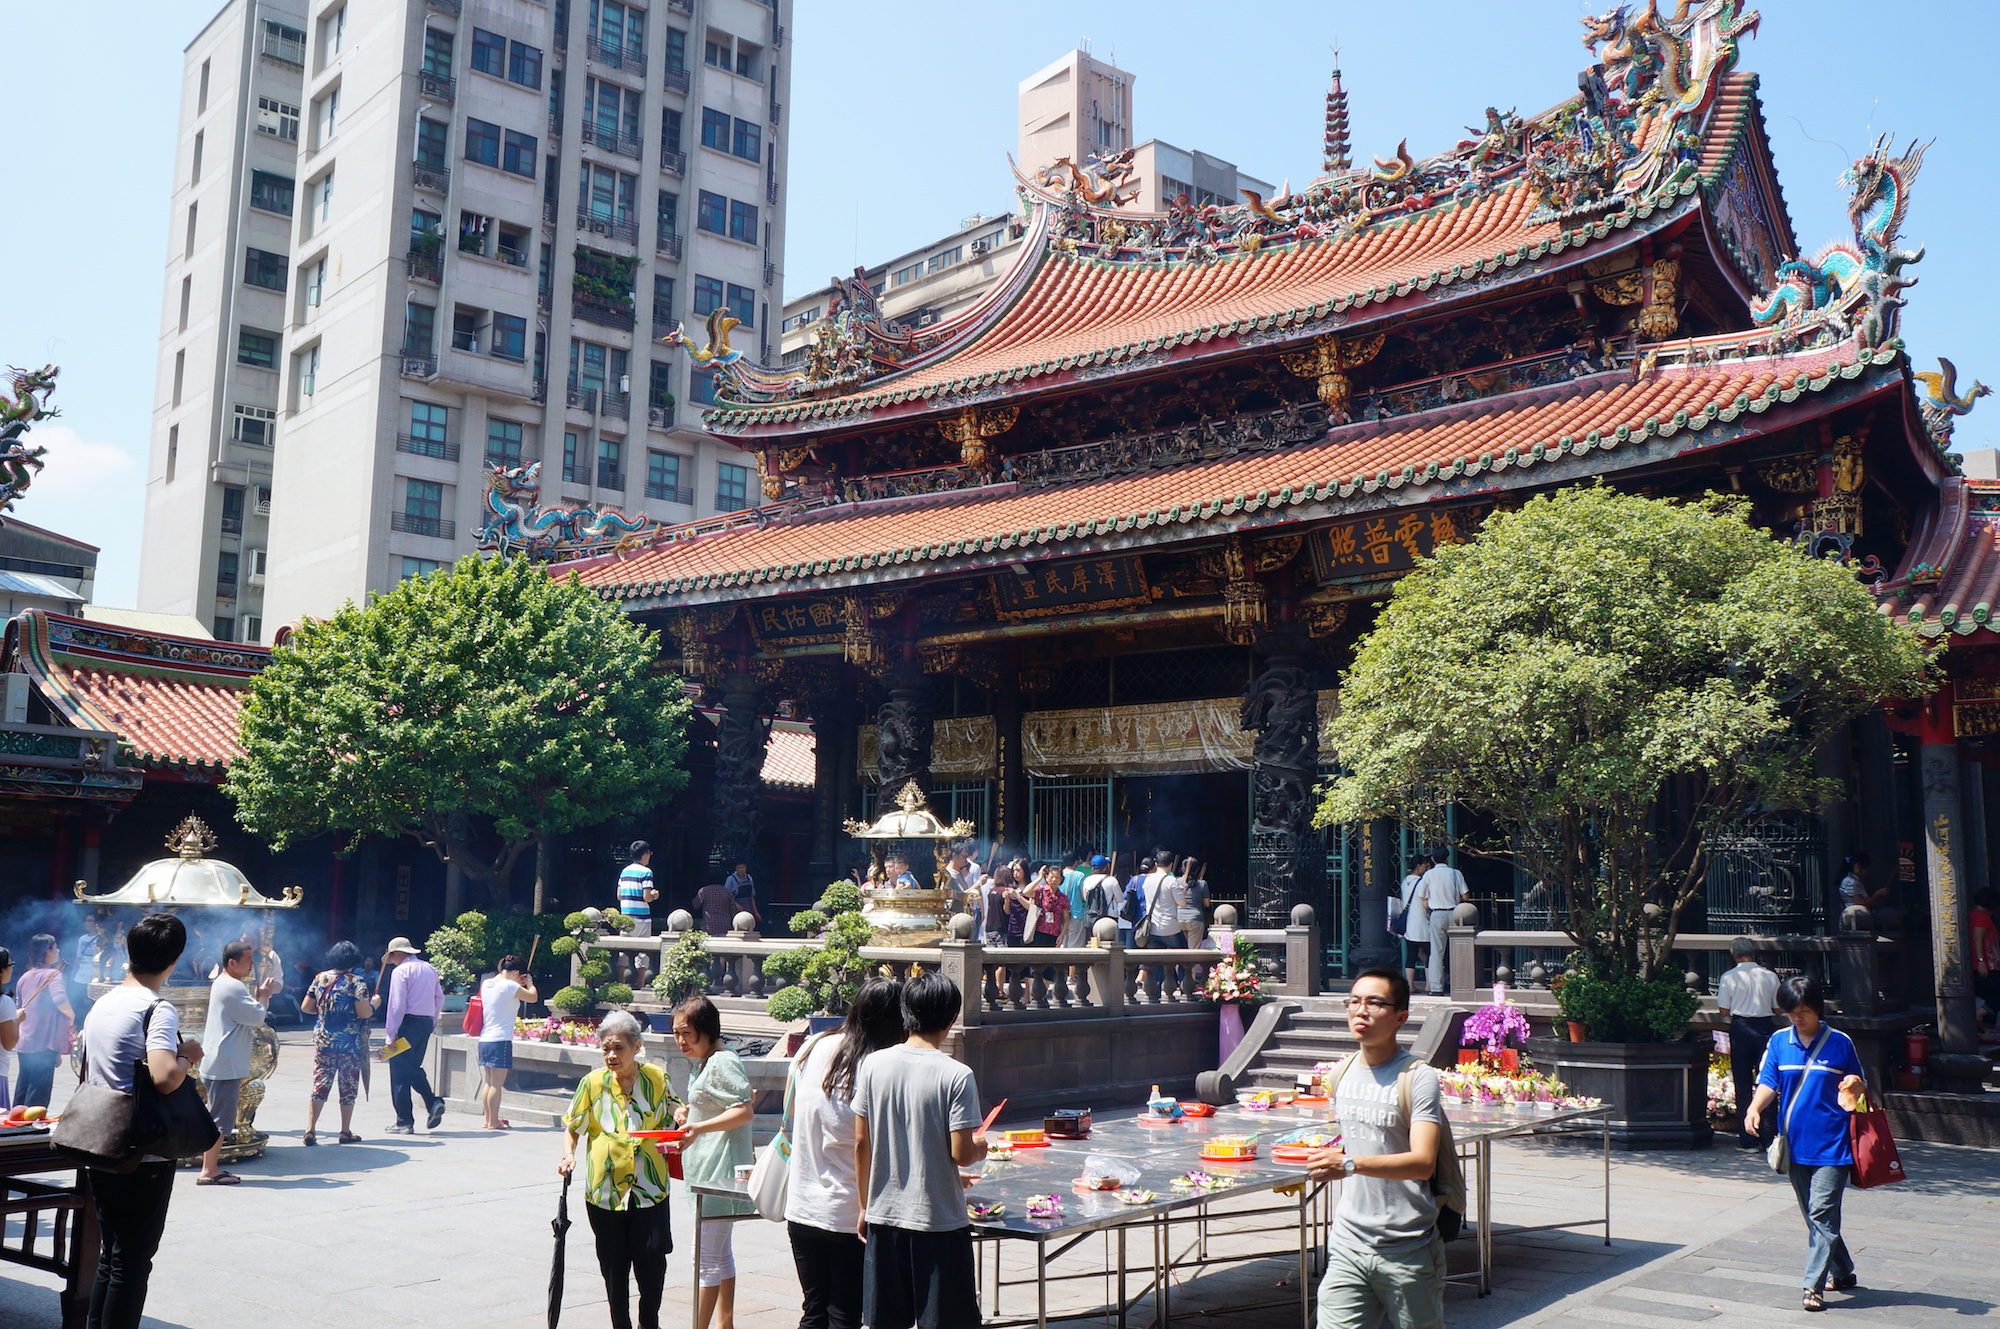 Temple Taiwan